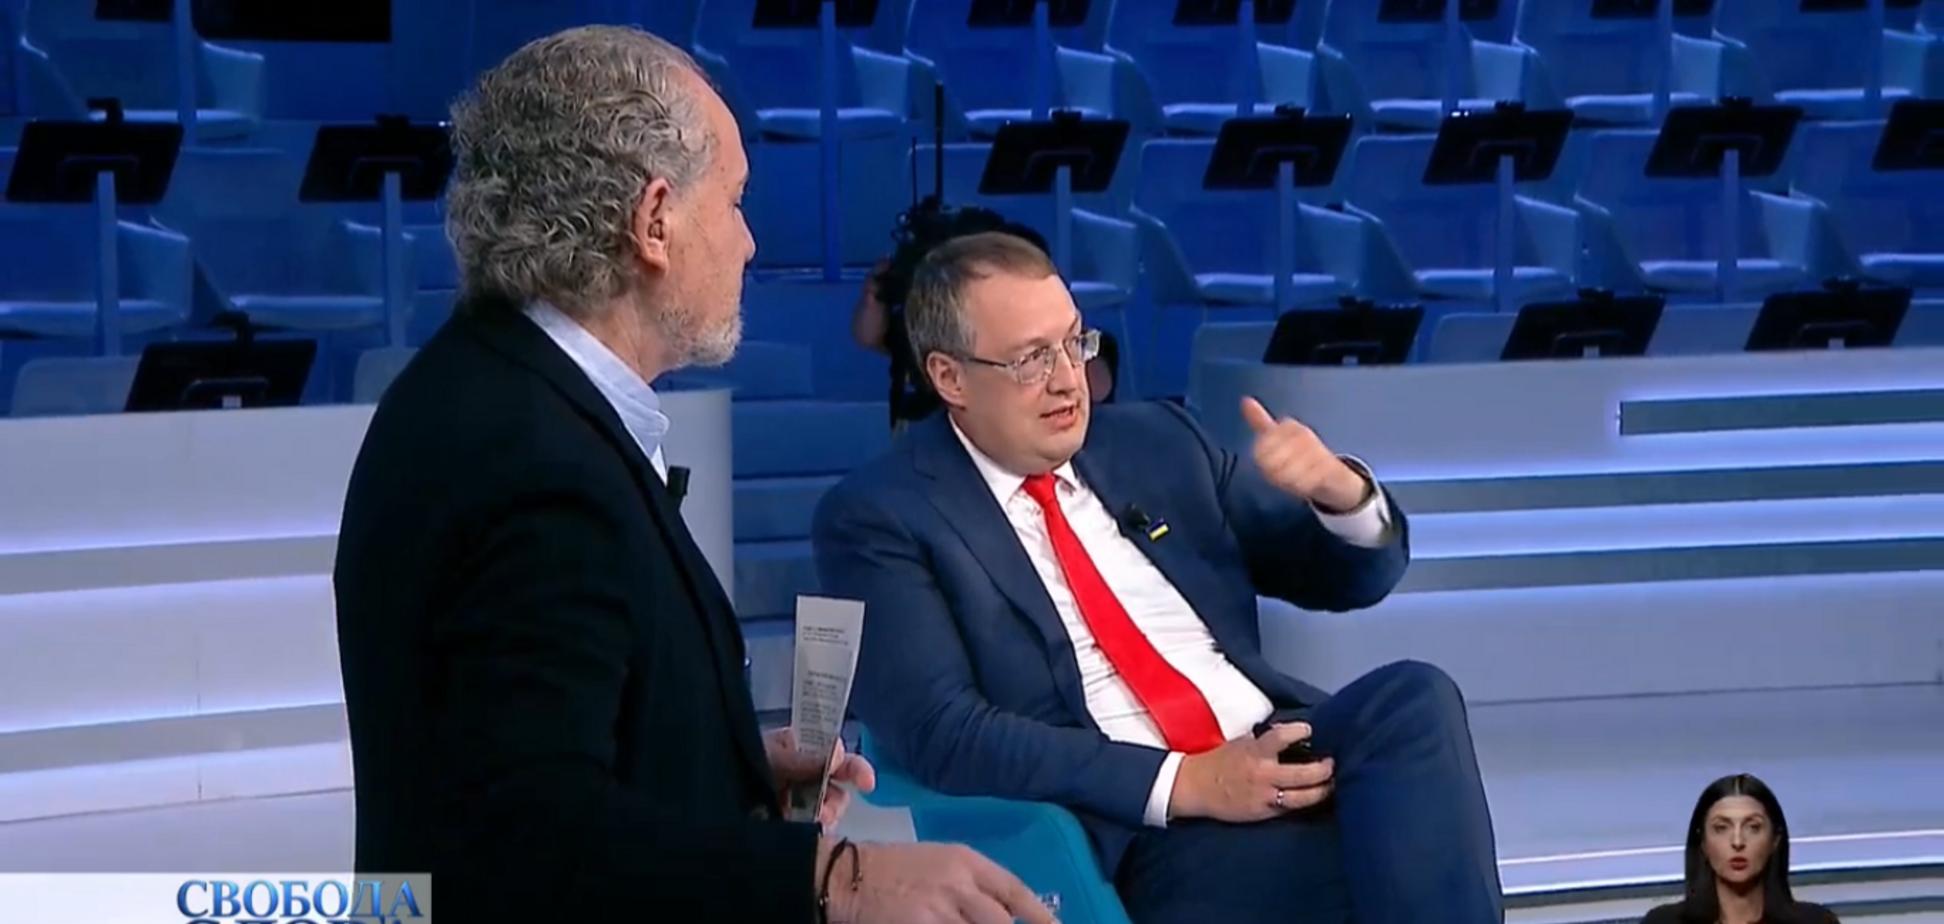 Савік Шустер і Антон Геращенко